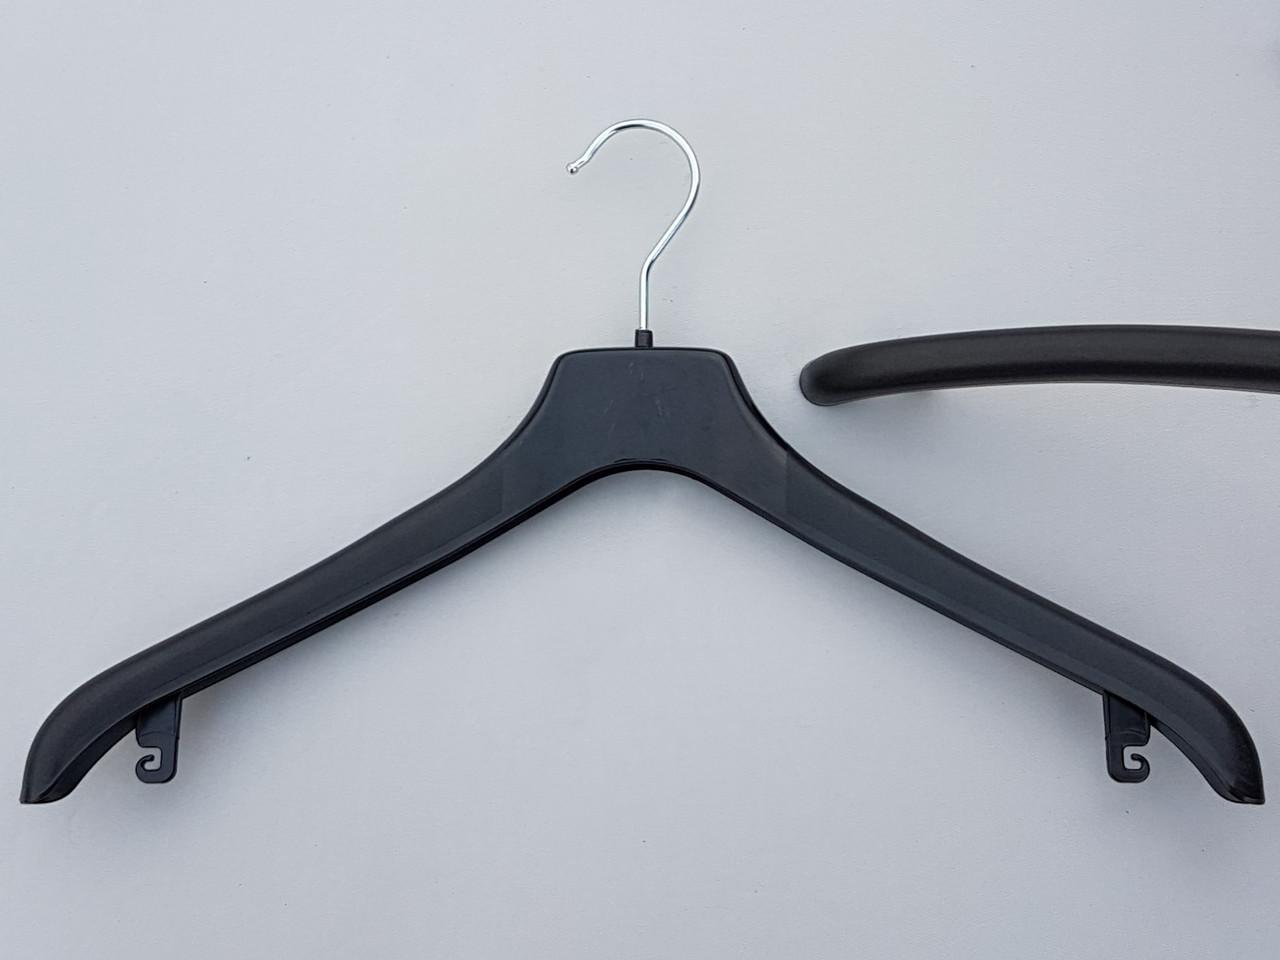 Длина 44 см. Плечики вешалки пластмассовые Coronet NF-44 шероховатые черные